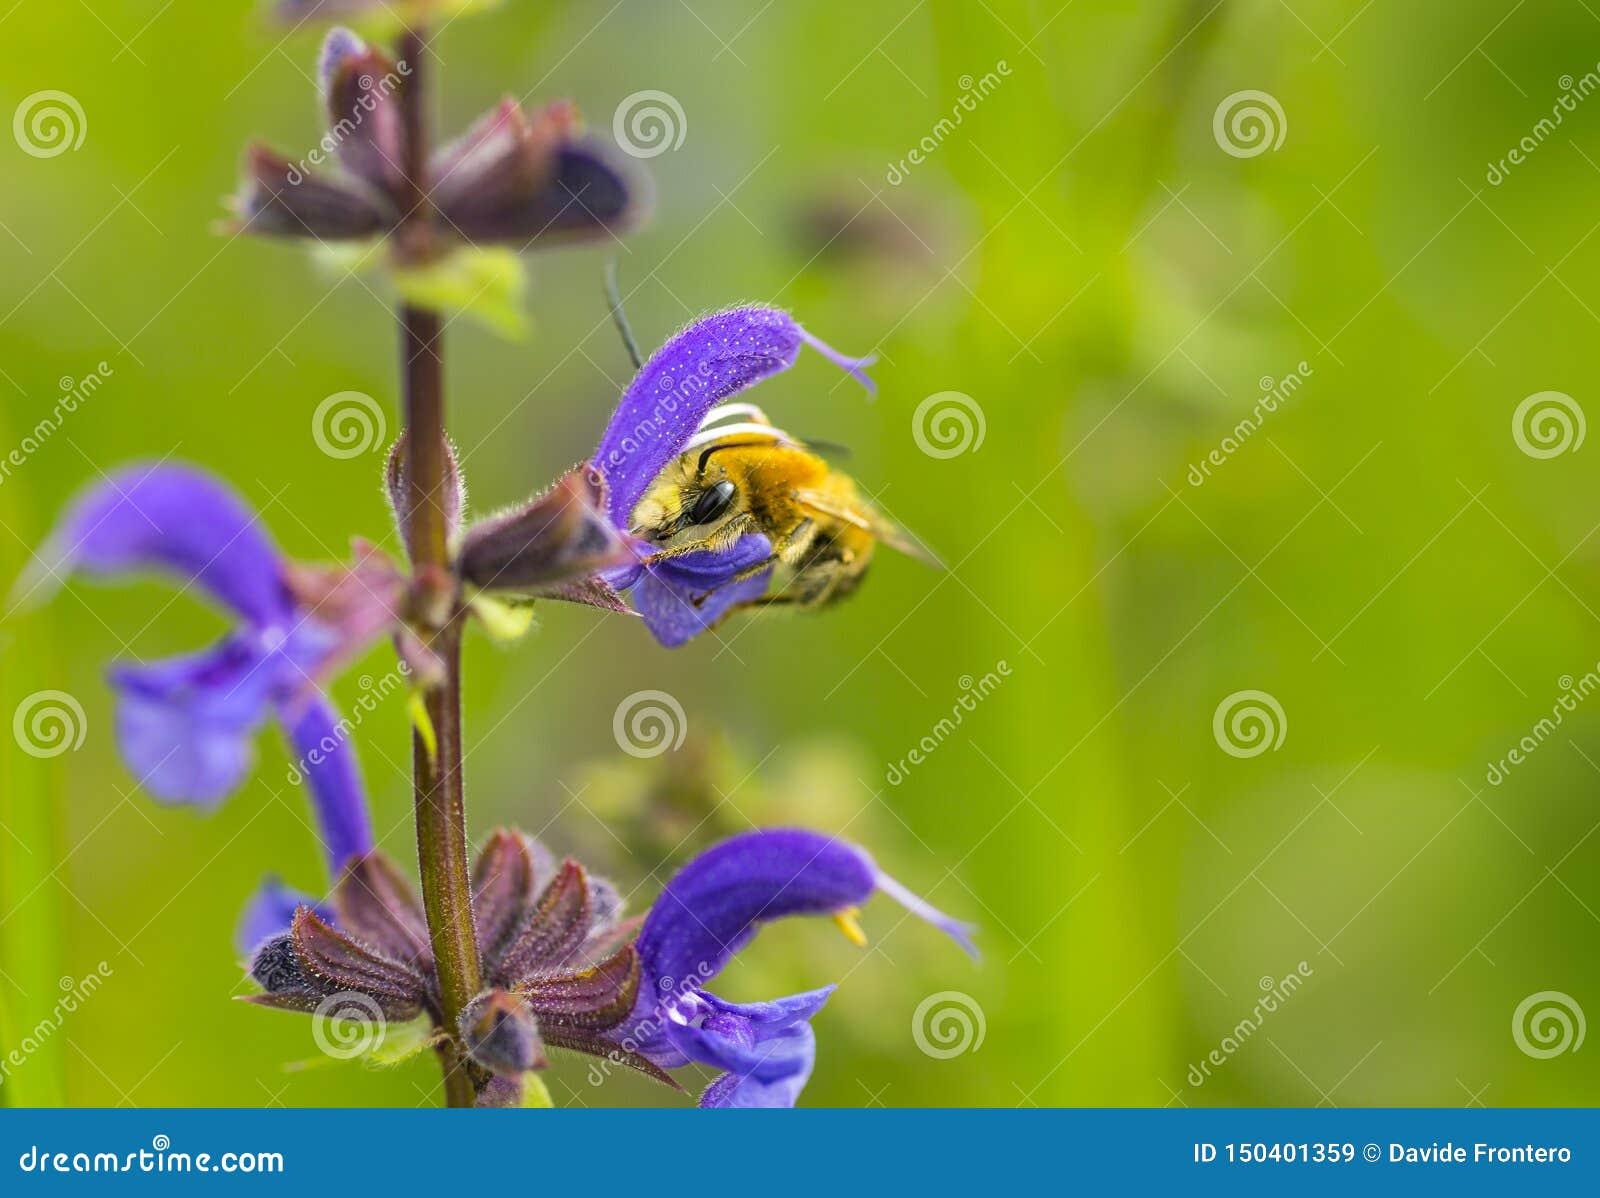 Άγριος απόμερος κεραιών μελισσών μακρύς